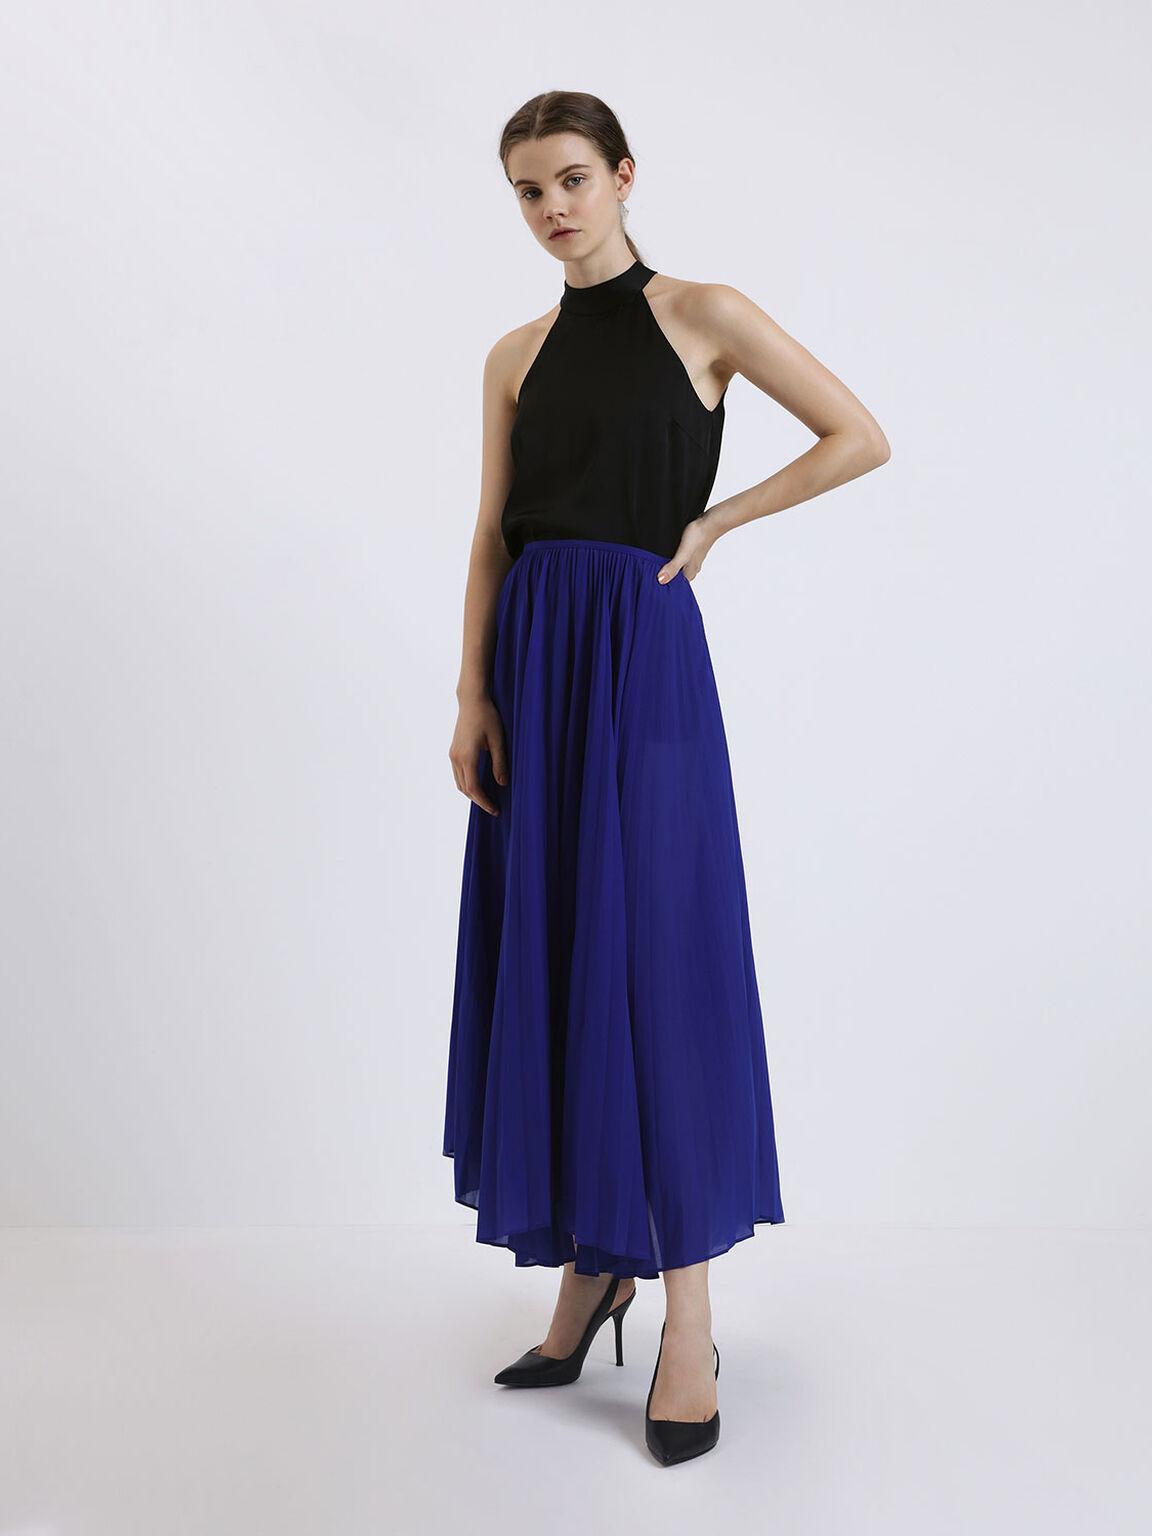 D'Orsay Slingback Heels, Black, hi-res